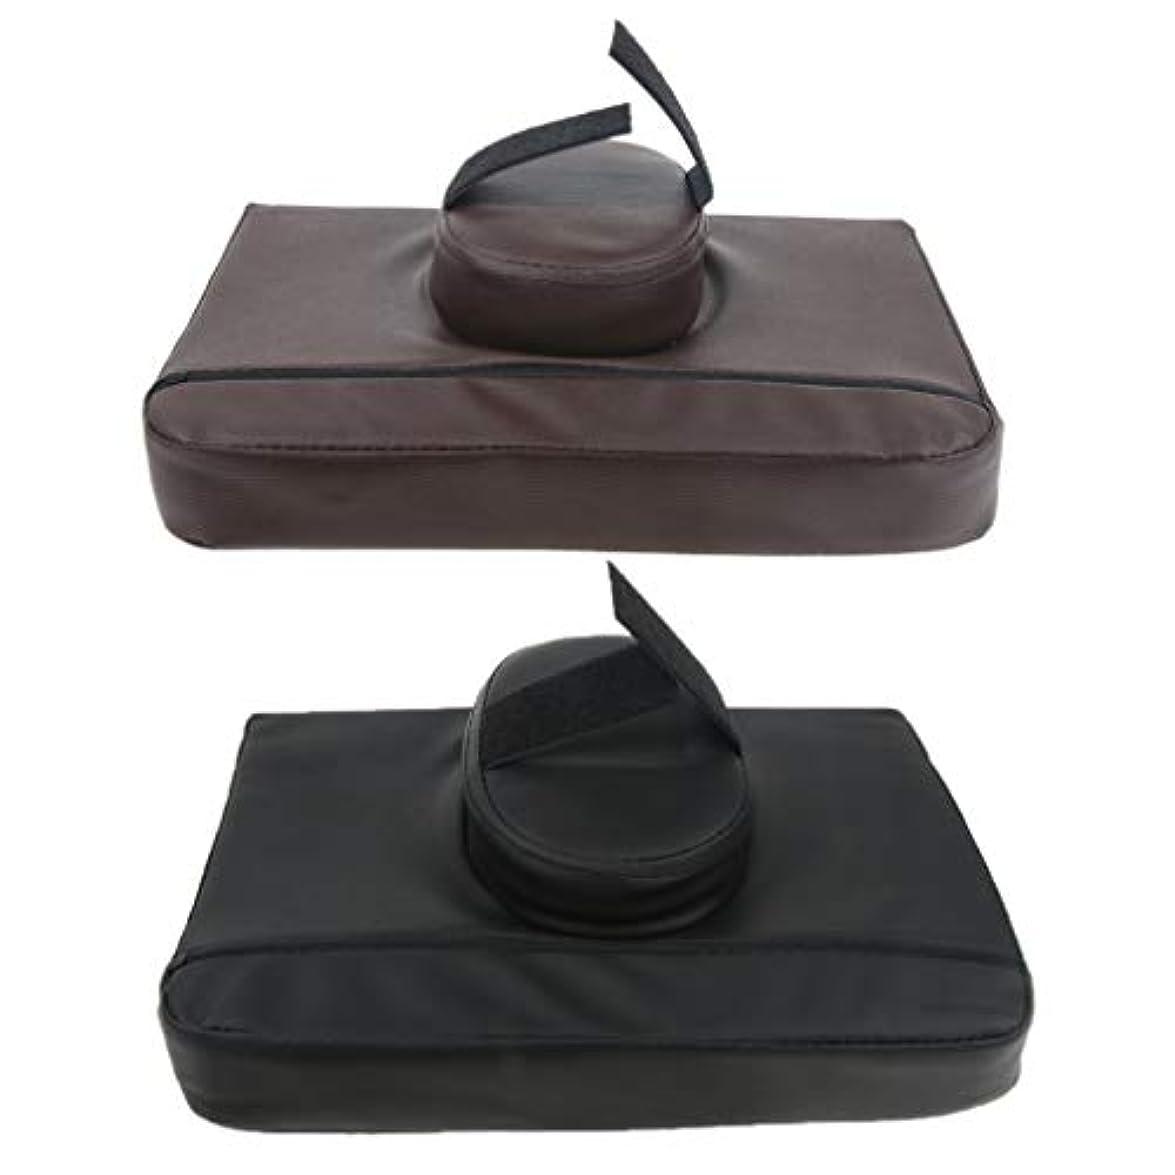 オーチャード思い出すビジュアルdailymall スパサロンマッサージテーブルベッド用の2個のコンフォートスクエアフェイスダウンクレードルクッション